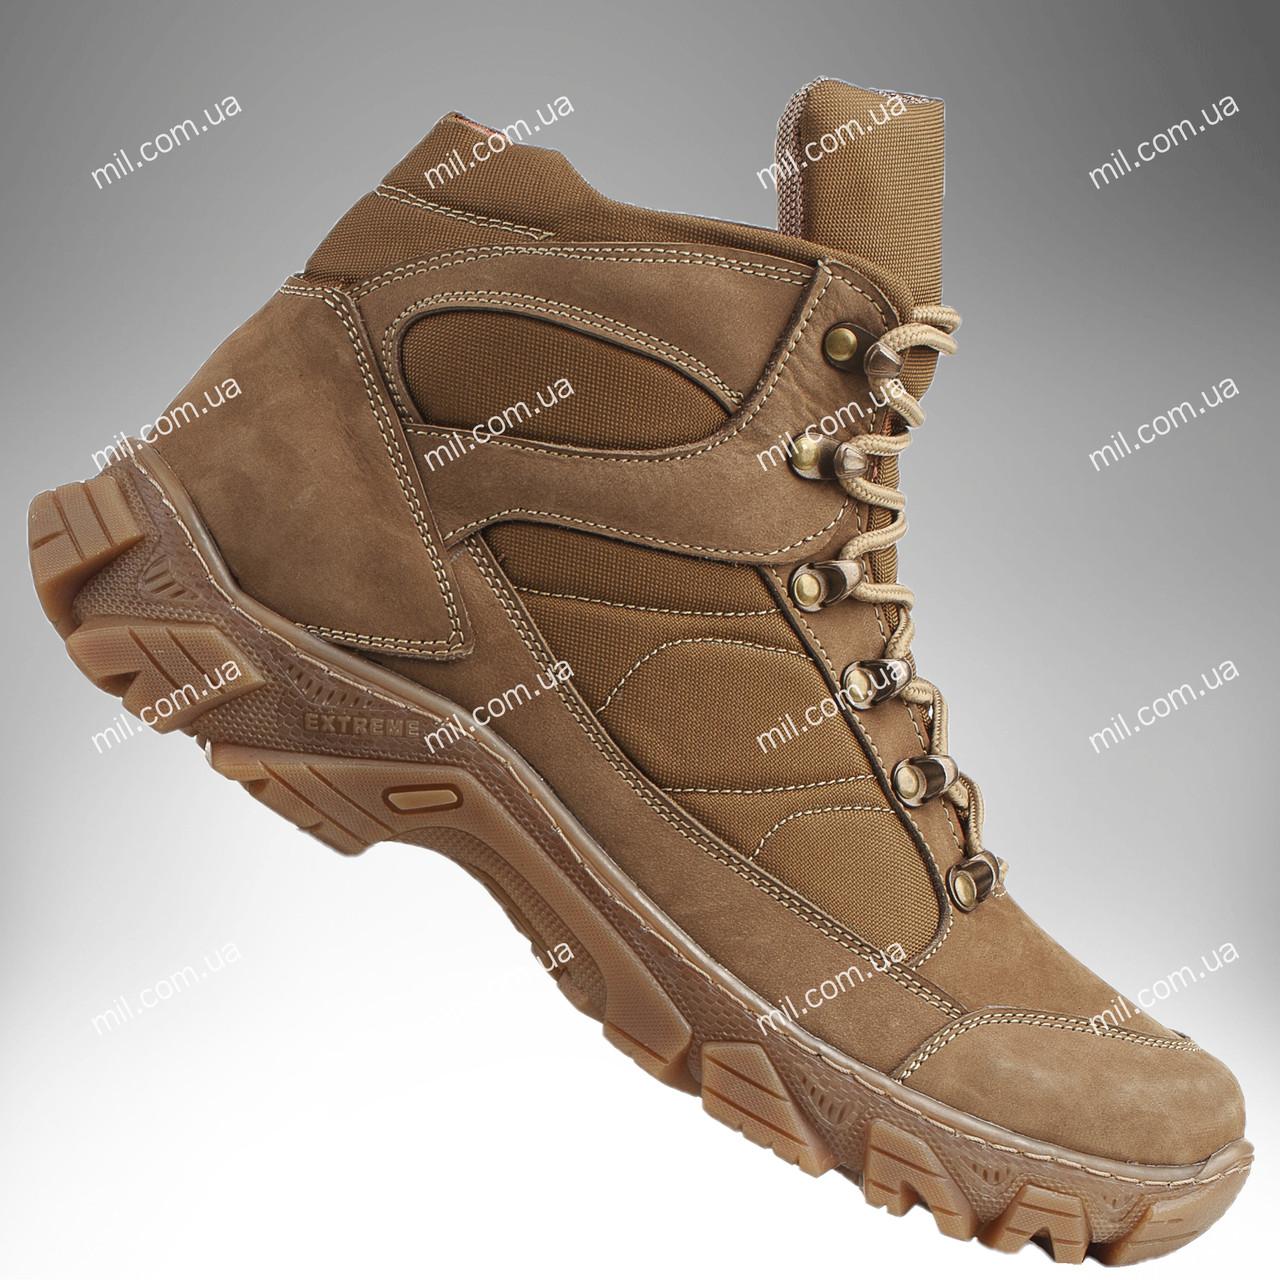 Демисезонные тактические ботинки / армейская, военная обувь ARMA Gen.II (койот)